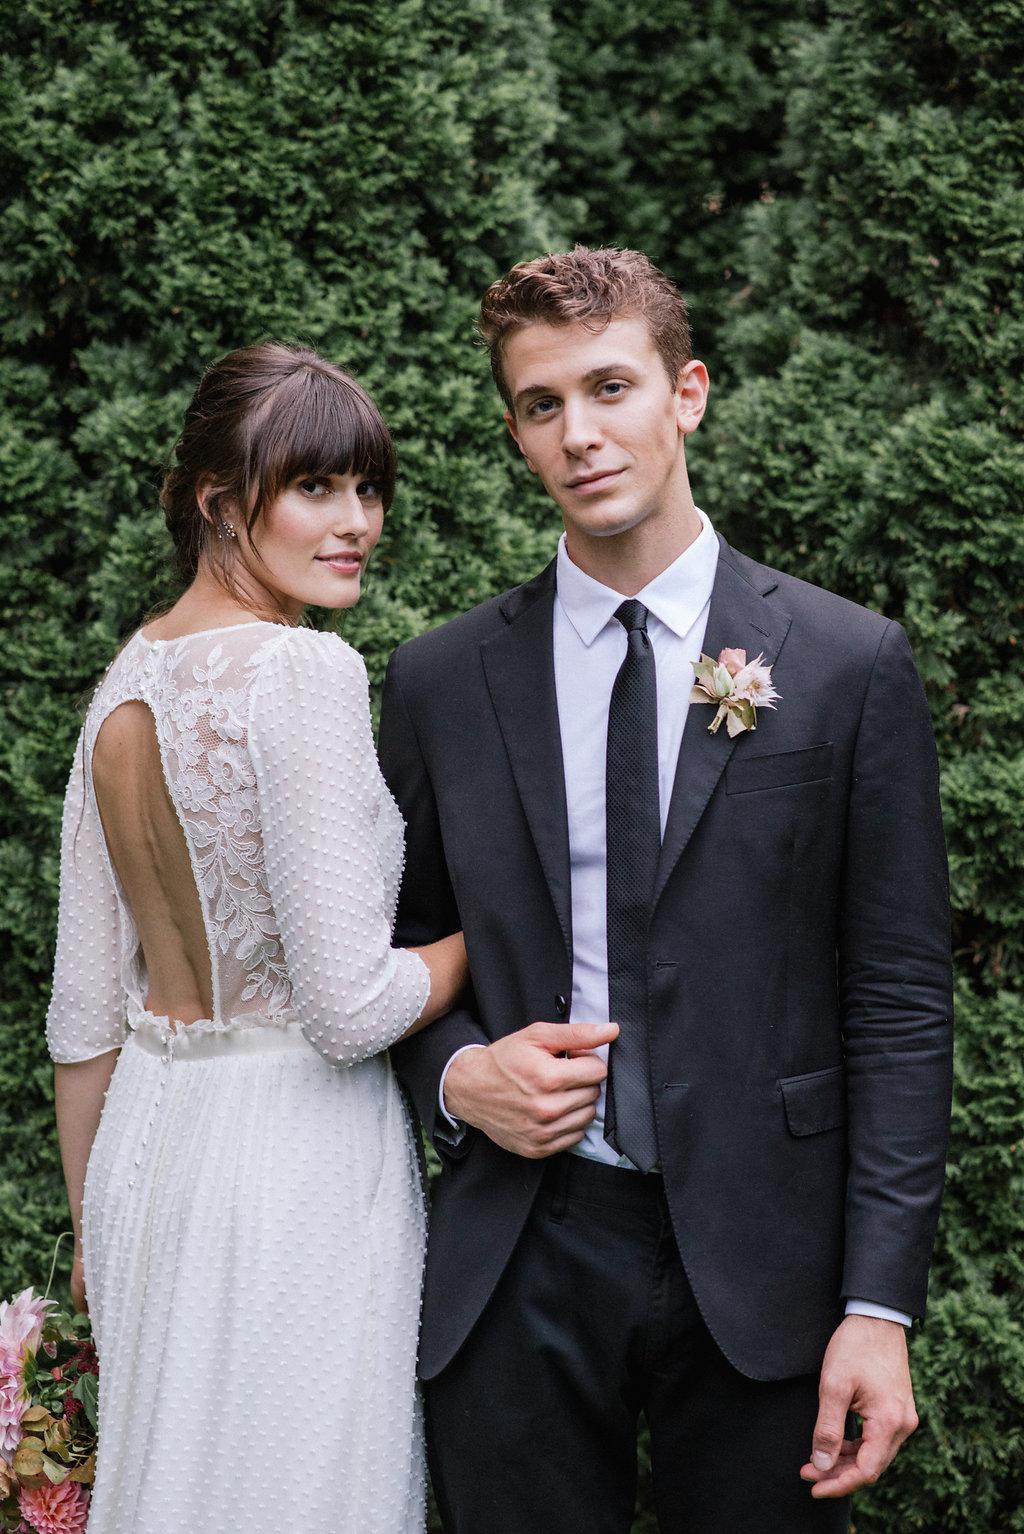 Bridal Editorial 13.jpg